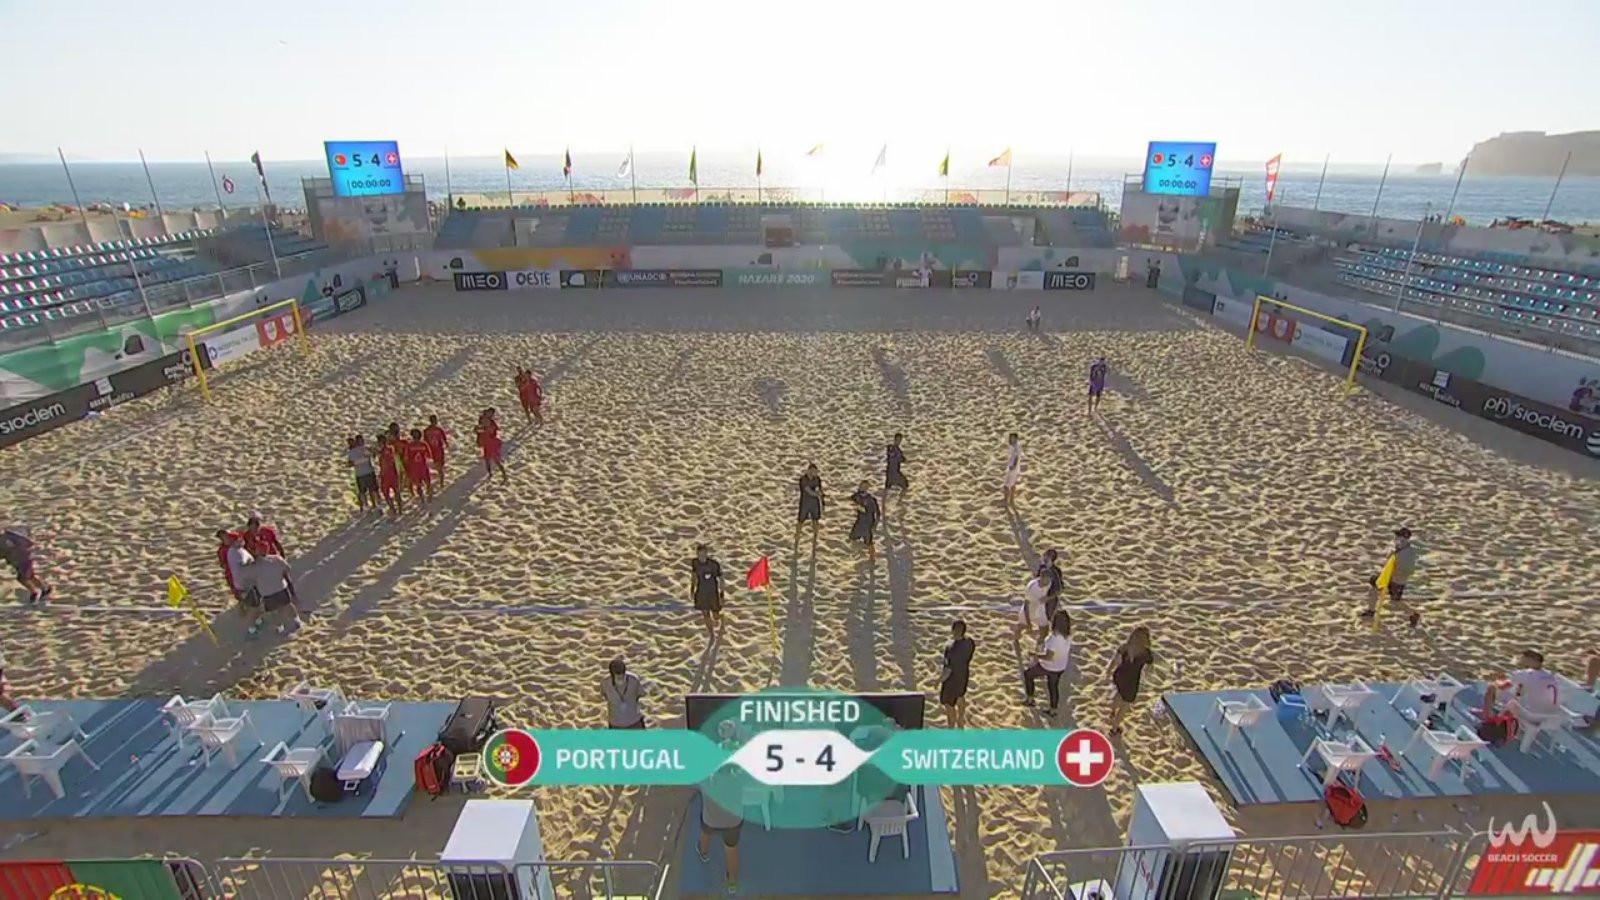 Portugal win nail-biting Euro Beach Soccer League Superfinal crown